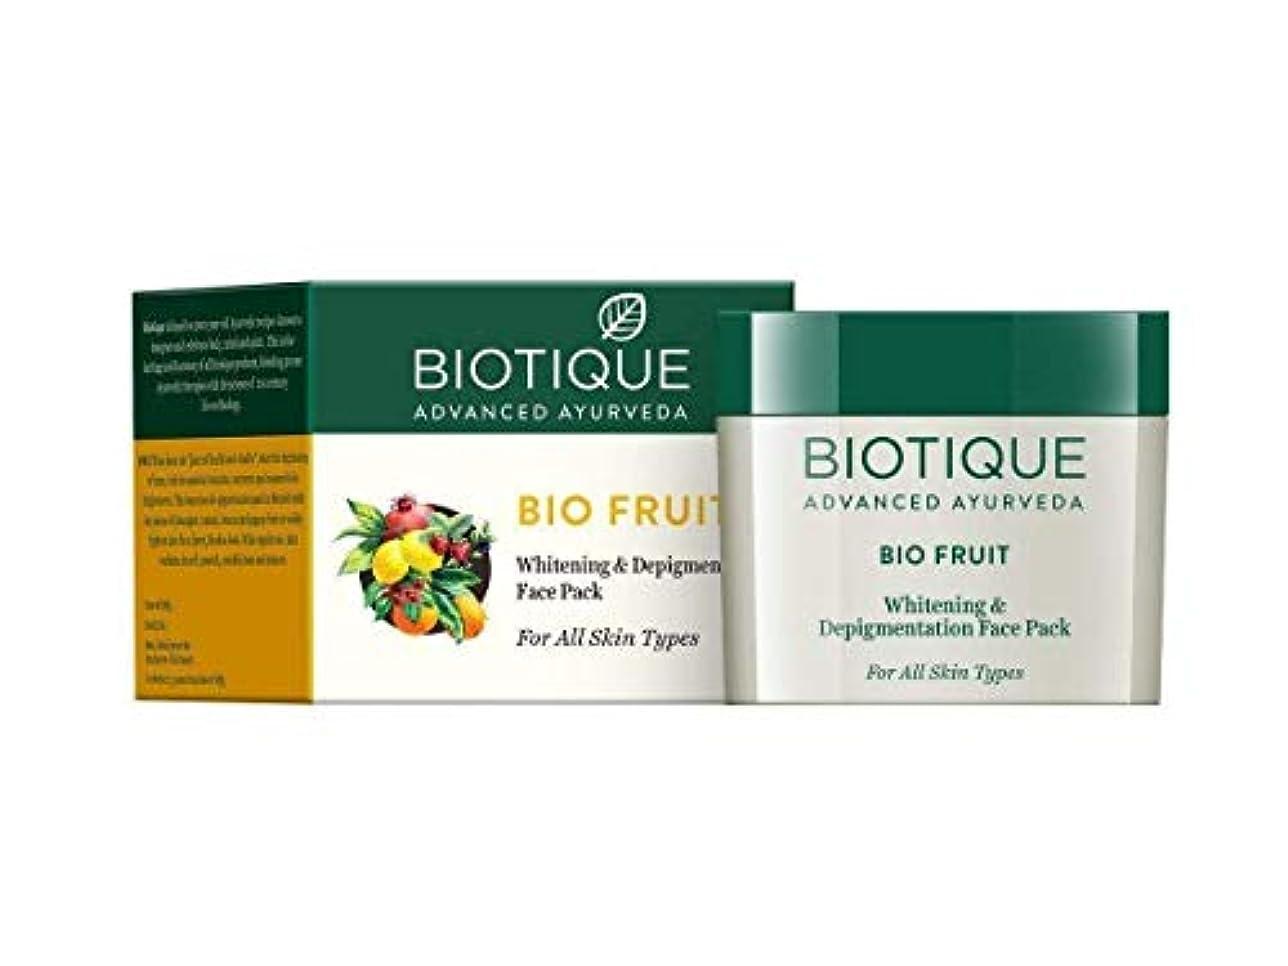 無効ボス盲信Biotique Fruit Whitening & Depigmentation Face Pack 75g soft smooth Skin tone ビオティックフルーツホワイトニング&デピグメントフェイスパックソフトスムーススキントーン